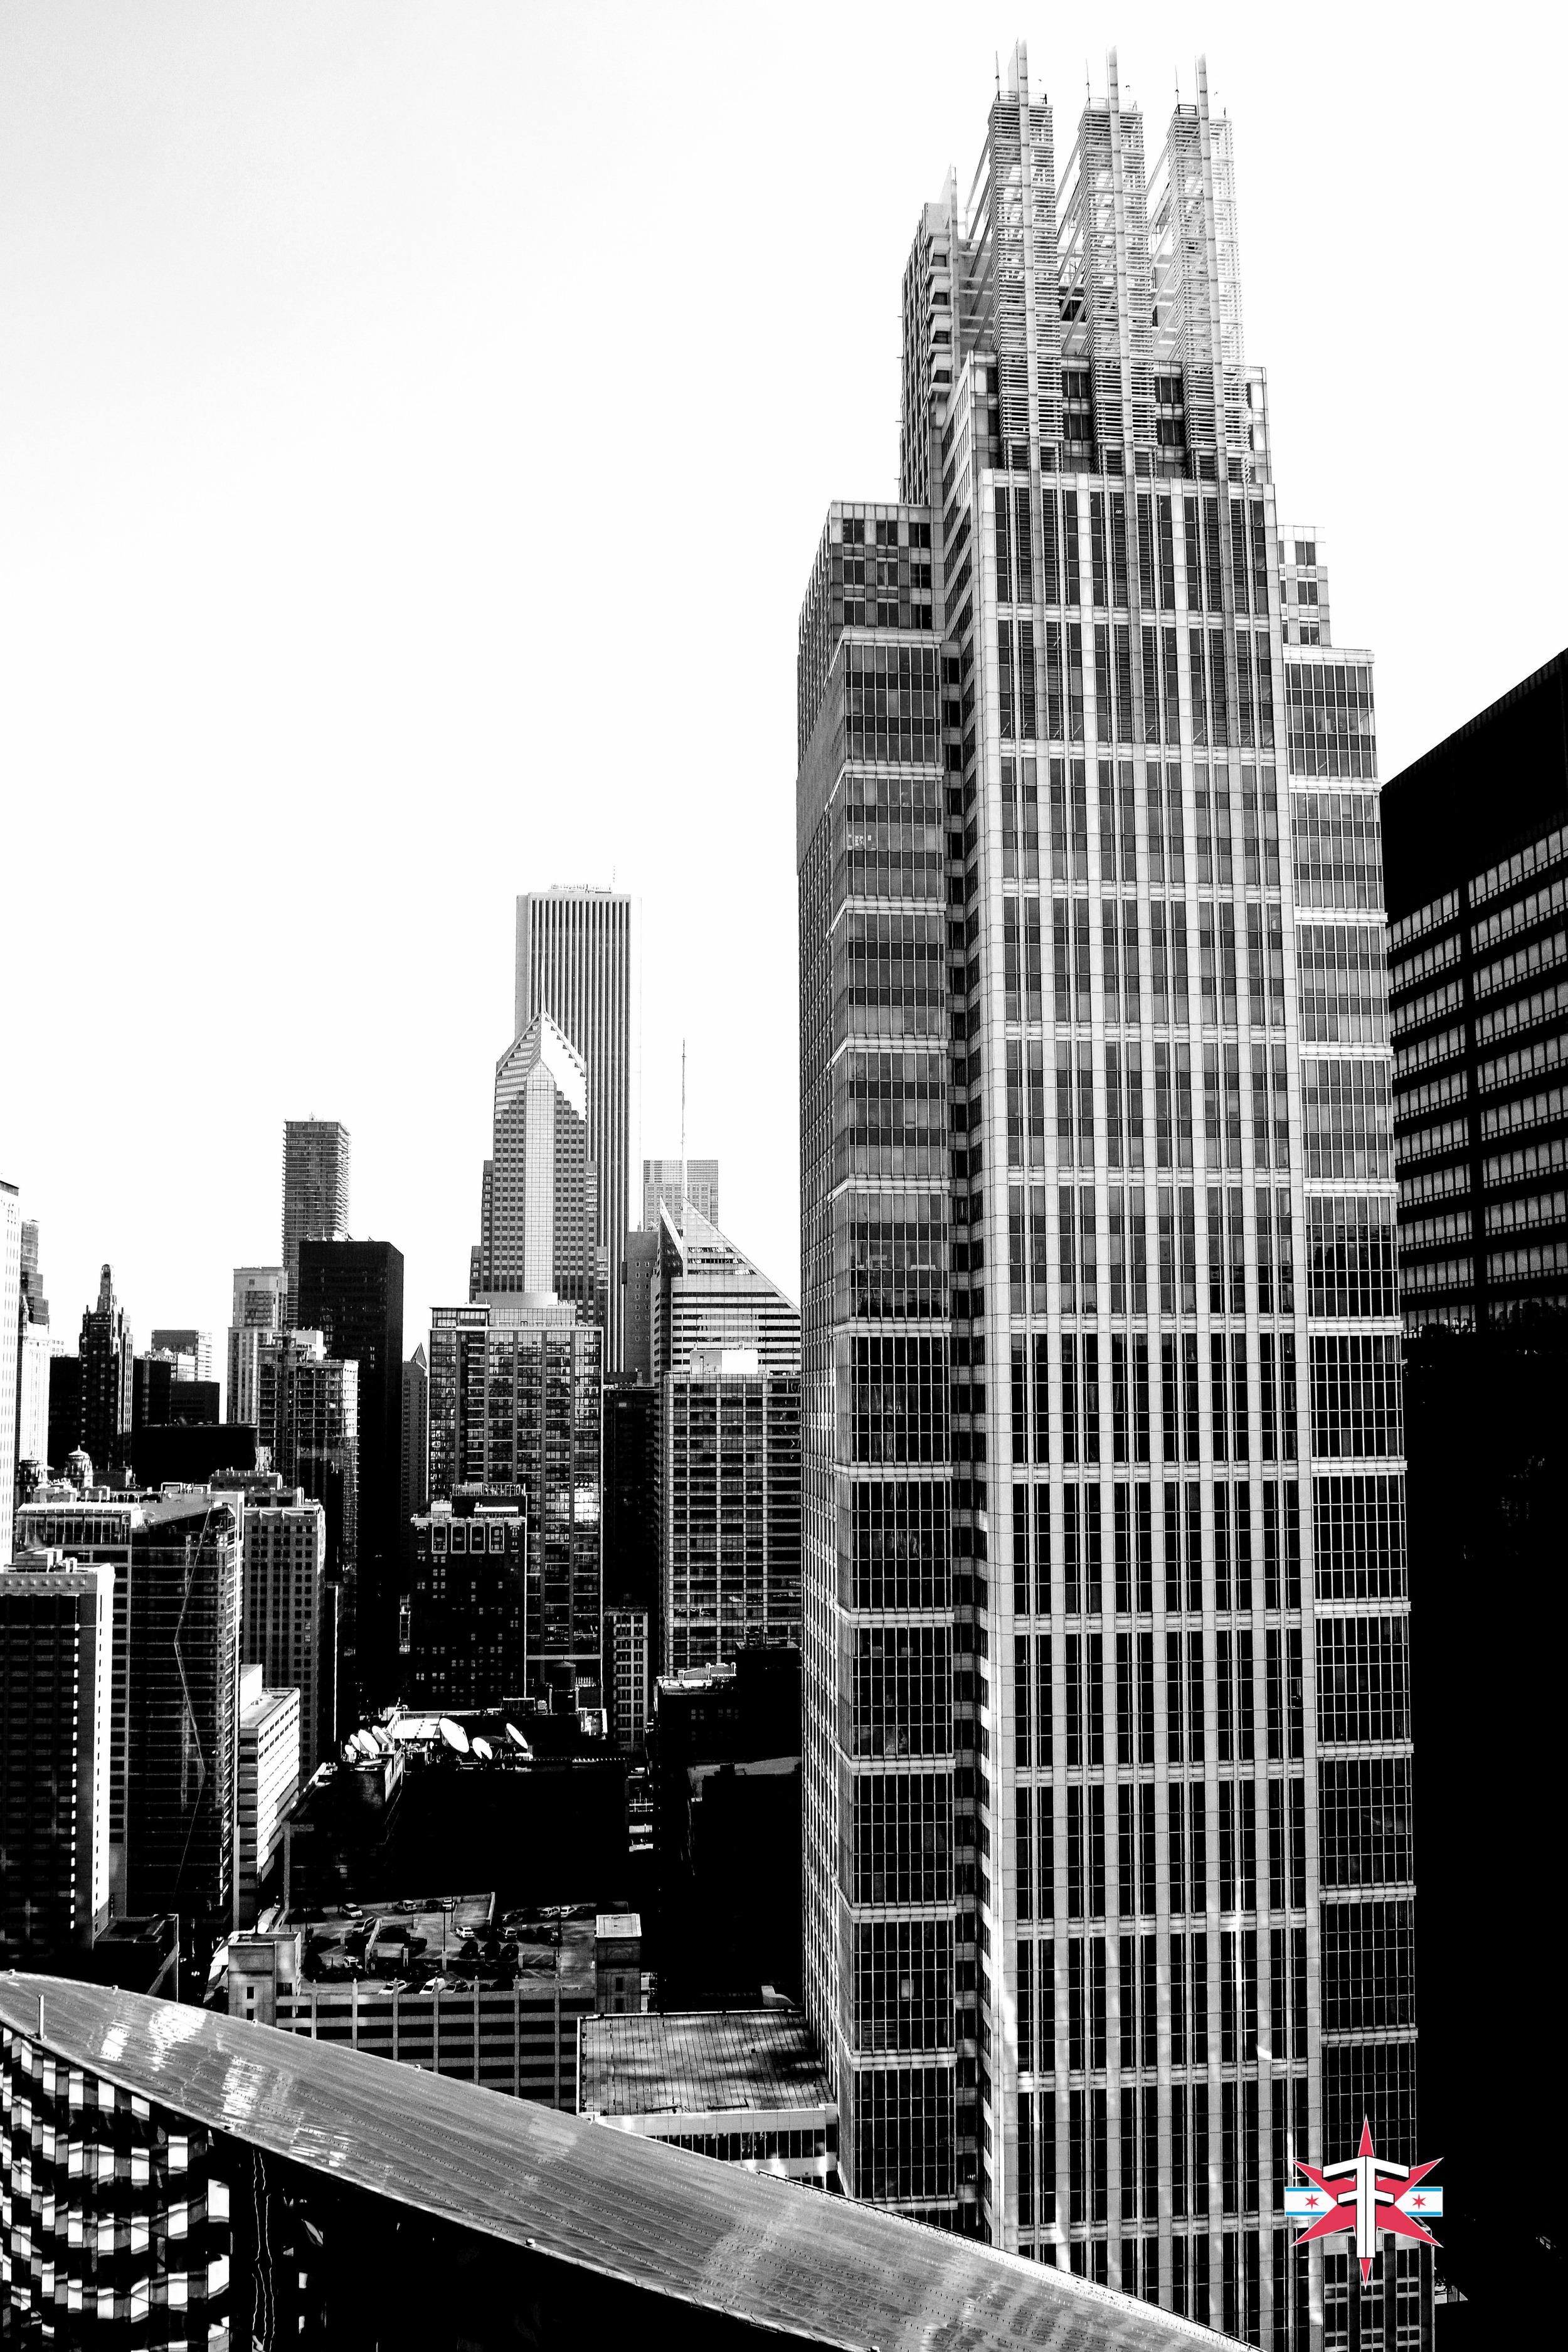 chicago art architecture eric formato photography design arquitectura architettura buildings skyscraper skyscrapers-4.jpg